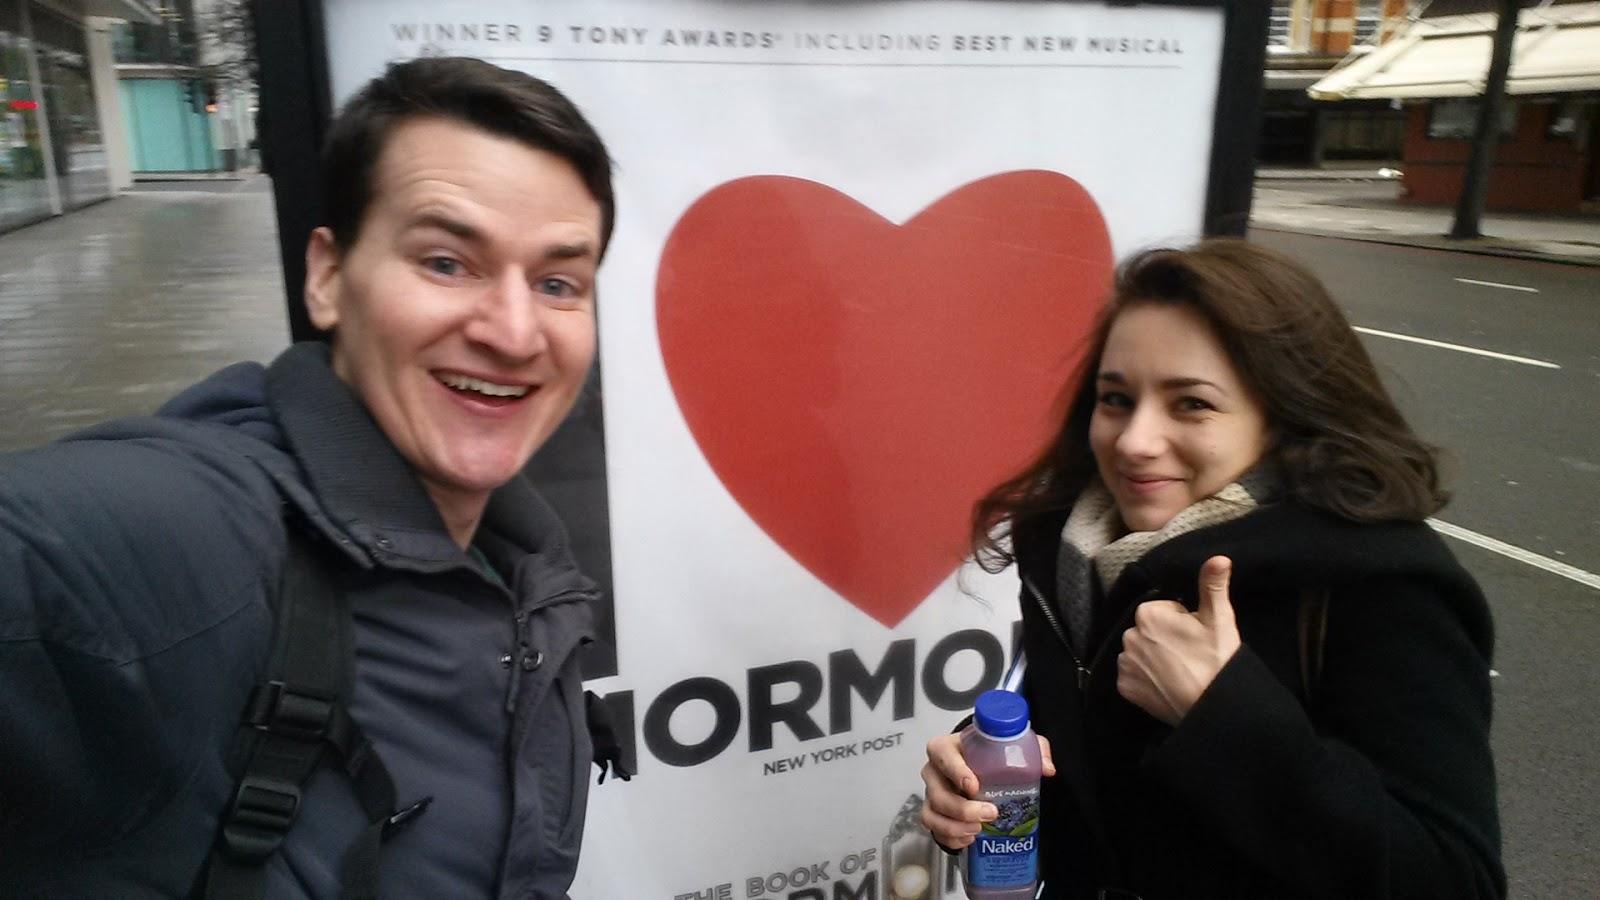 I heart mormons selfie